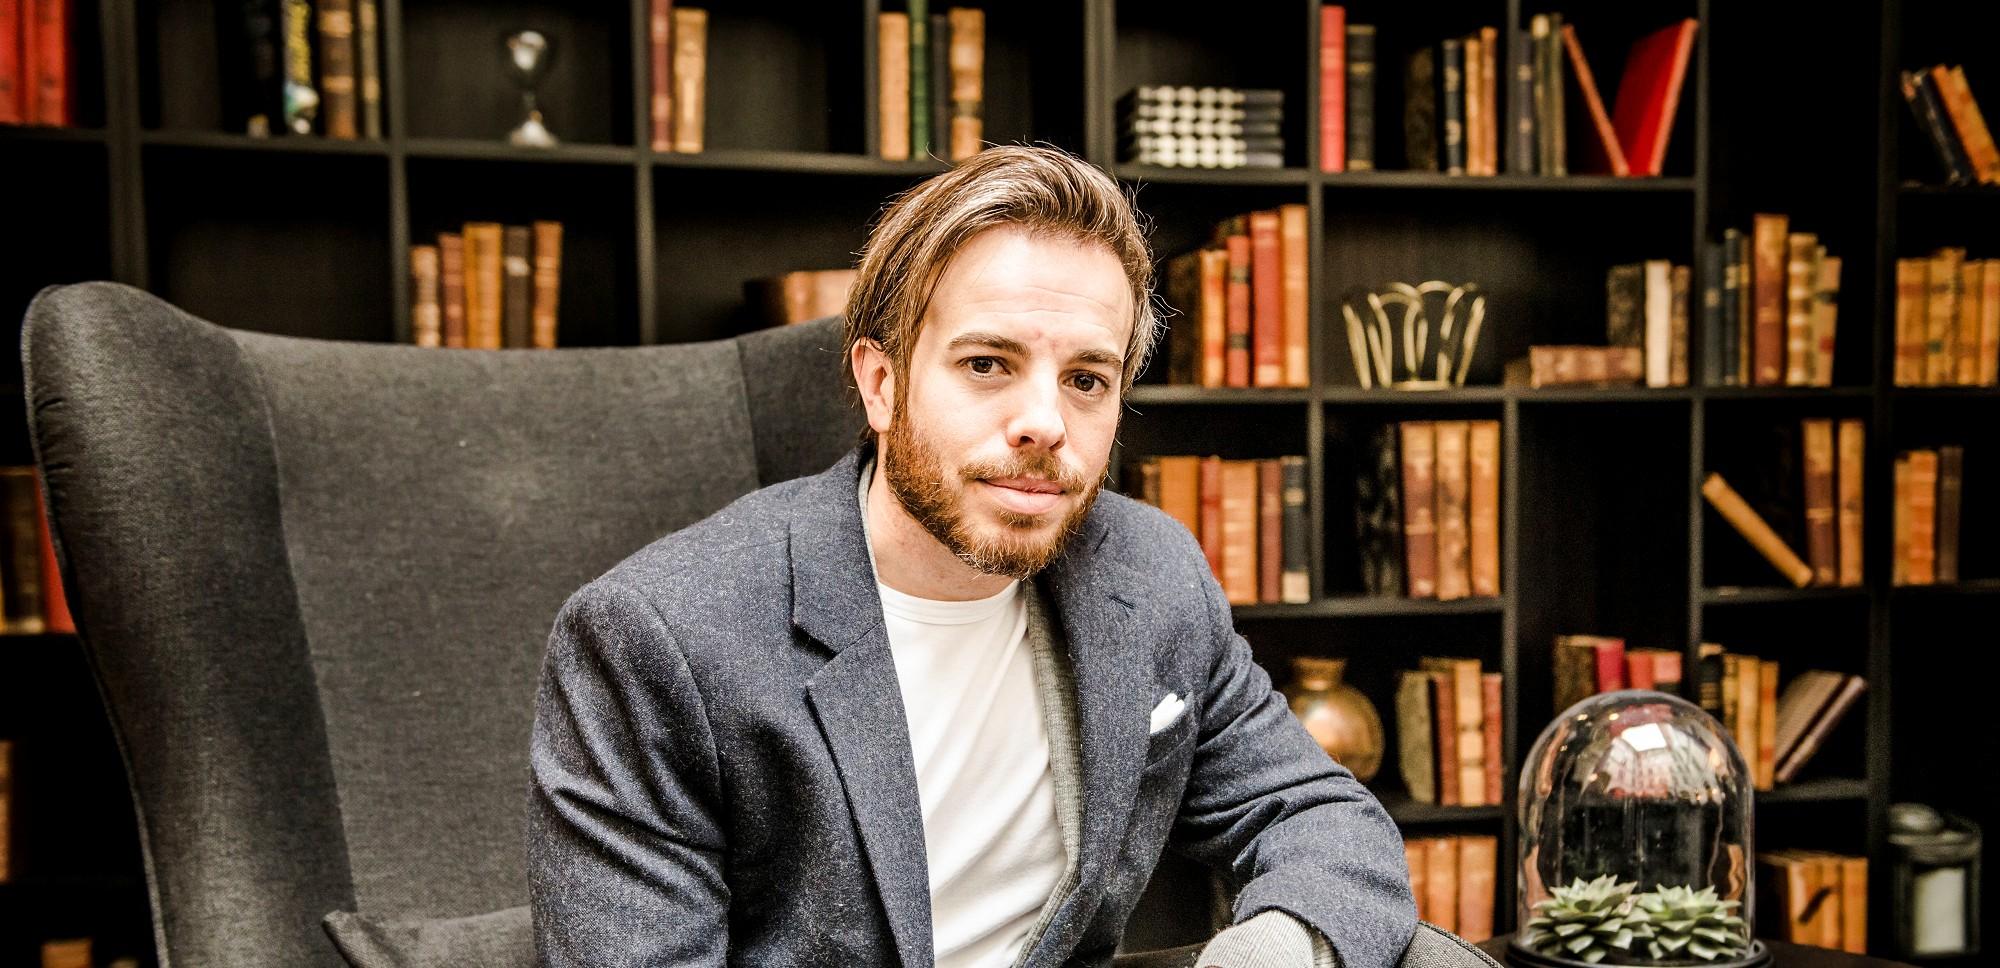 Můj další thriller se možná bude odehrávat v Praze. Daniel Cole se těší na setkání s českými čtenáři!